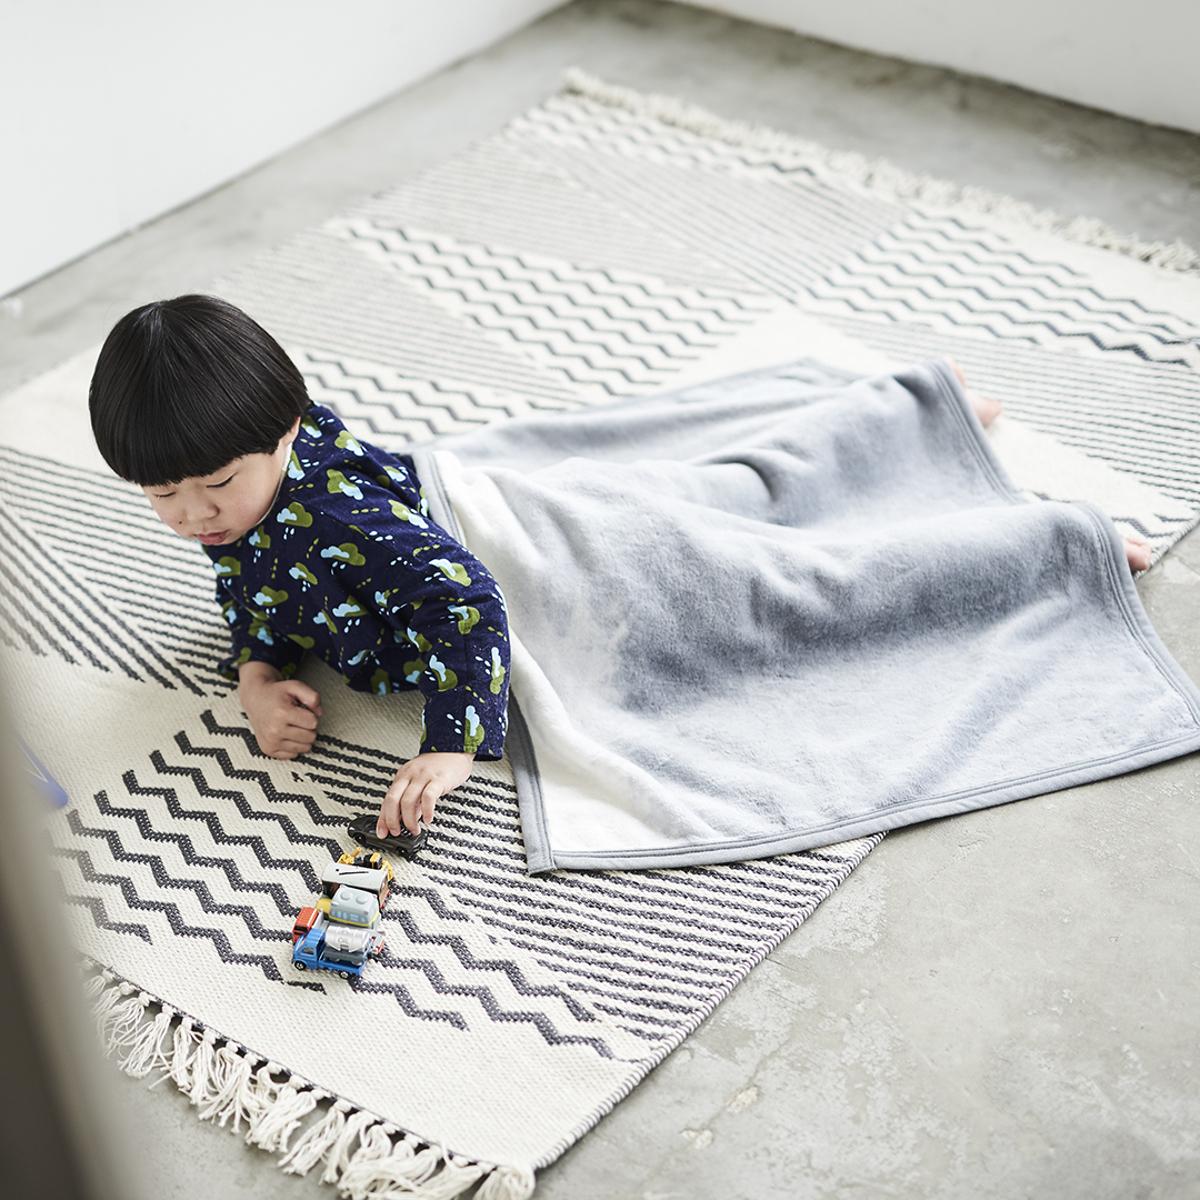 「タイトルのある毛布」が、空間を変える 《膝掛け》夏も冬も、気持ちいい!綿毛布の自然な柔らかさ FLOOD OF LIGHT(LOOM&SPOOL)